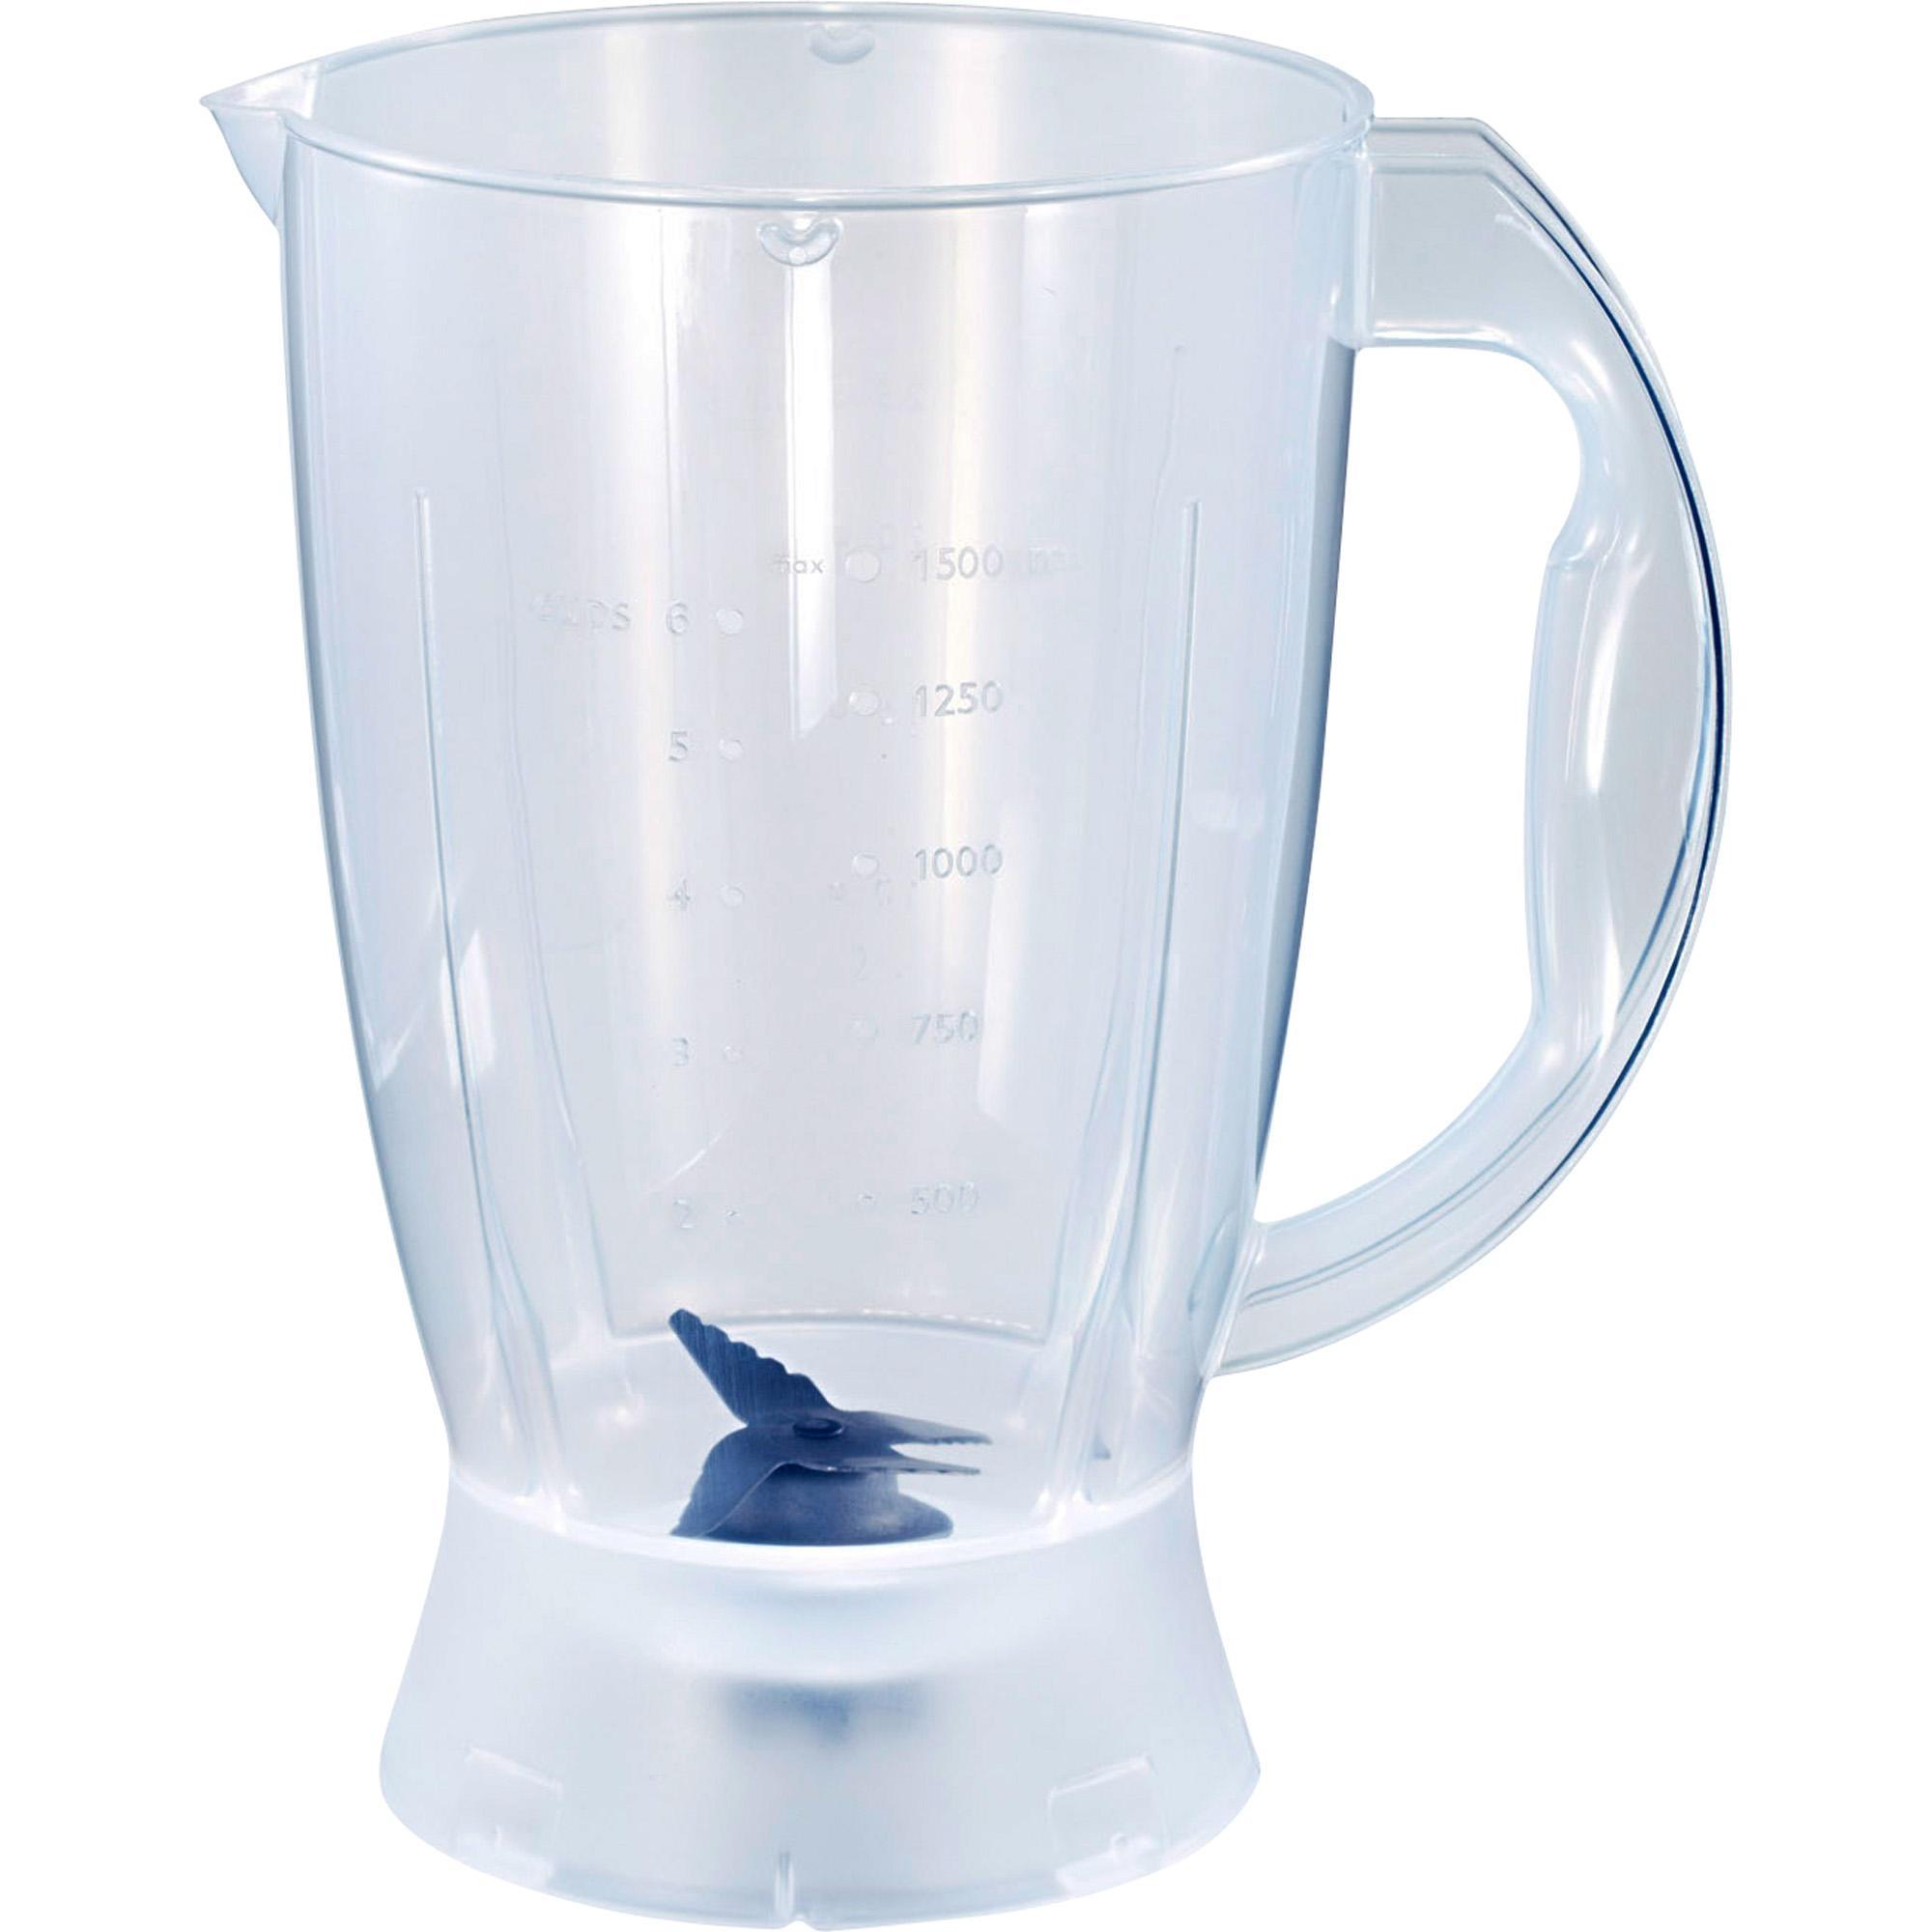 Copo para Liquidificadores 2L Opaco RL1725/65 WALITA ACESSÓR